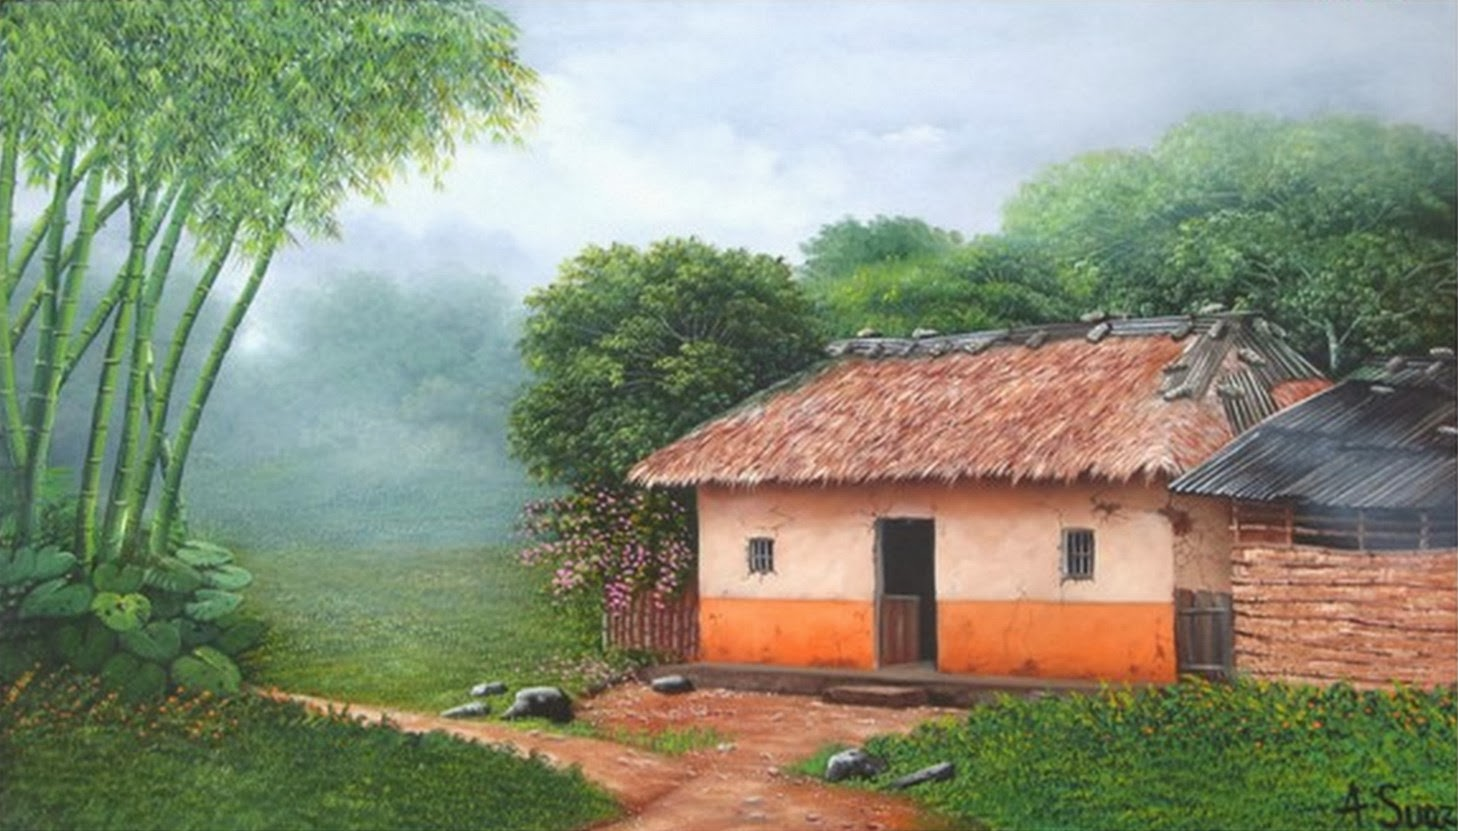 Cuadros Modernos Pinturas Y Dibujos 11 03 13